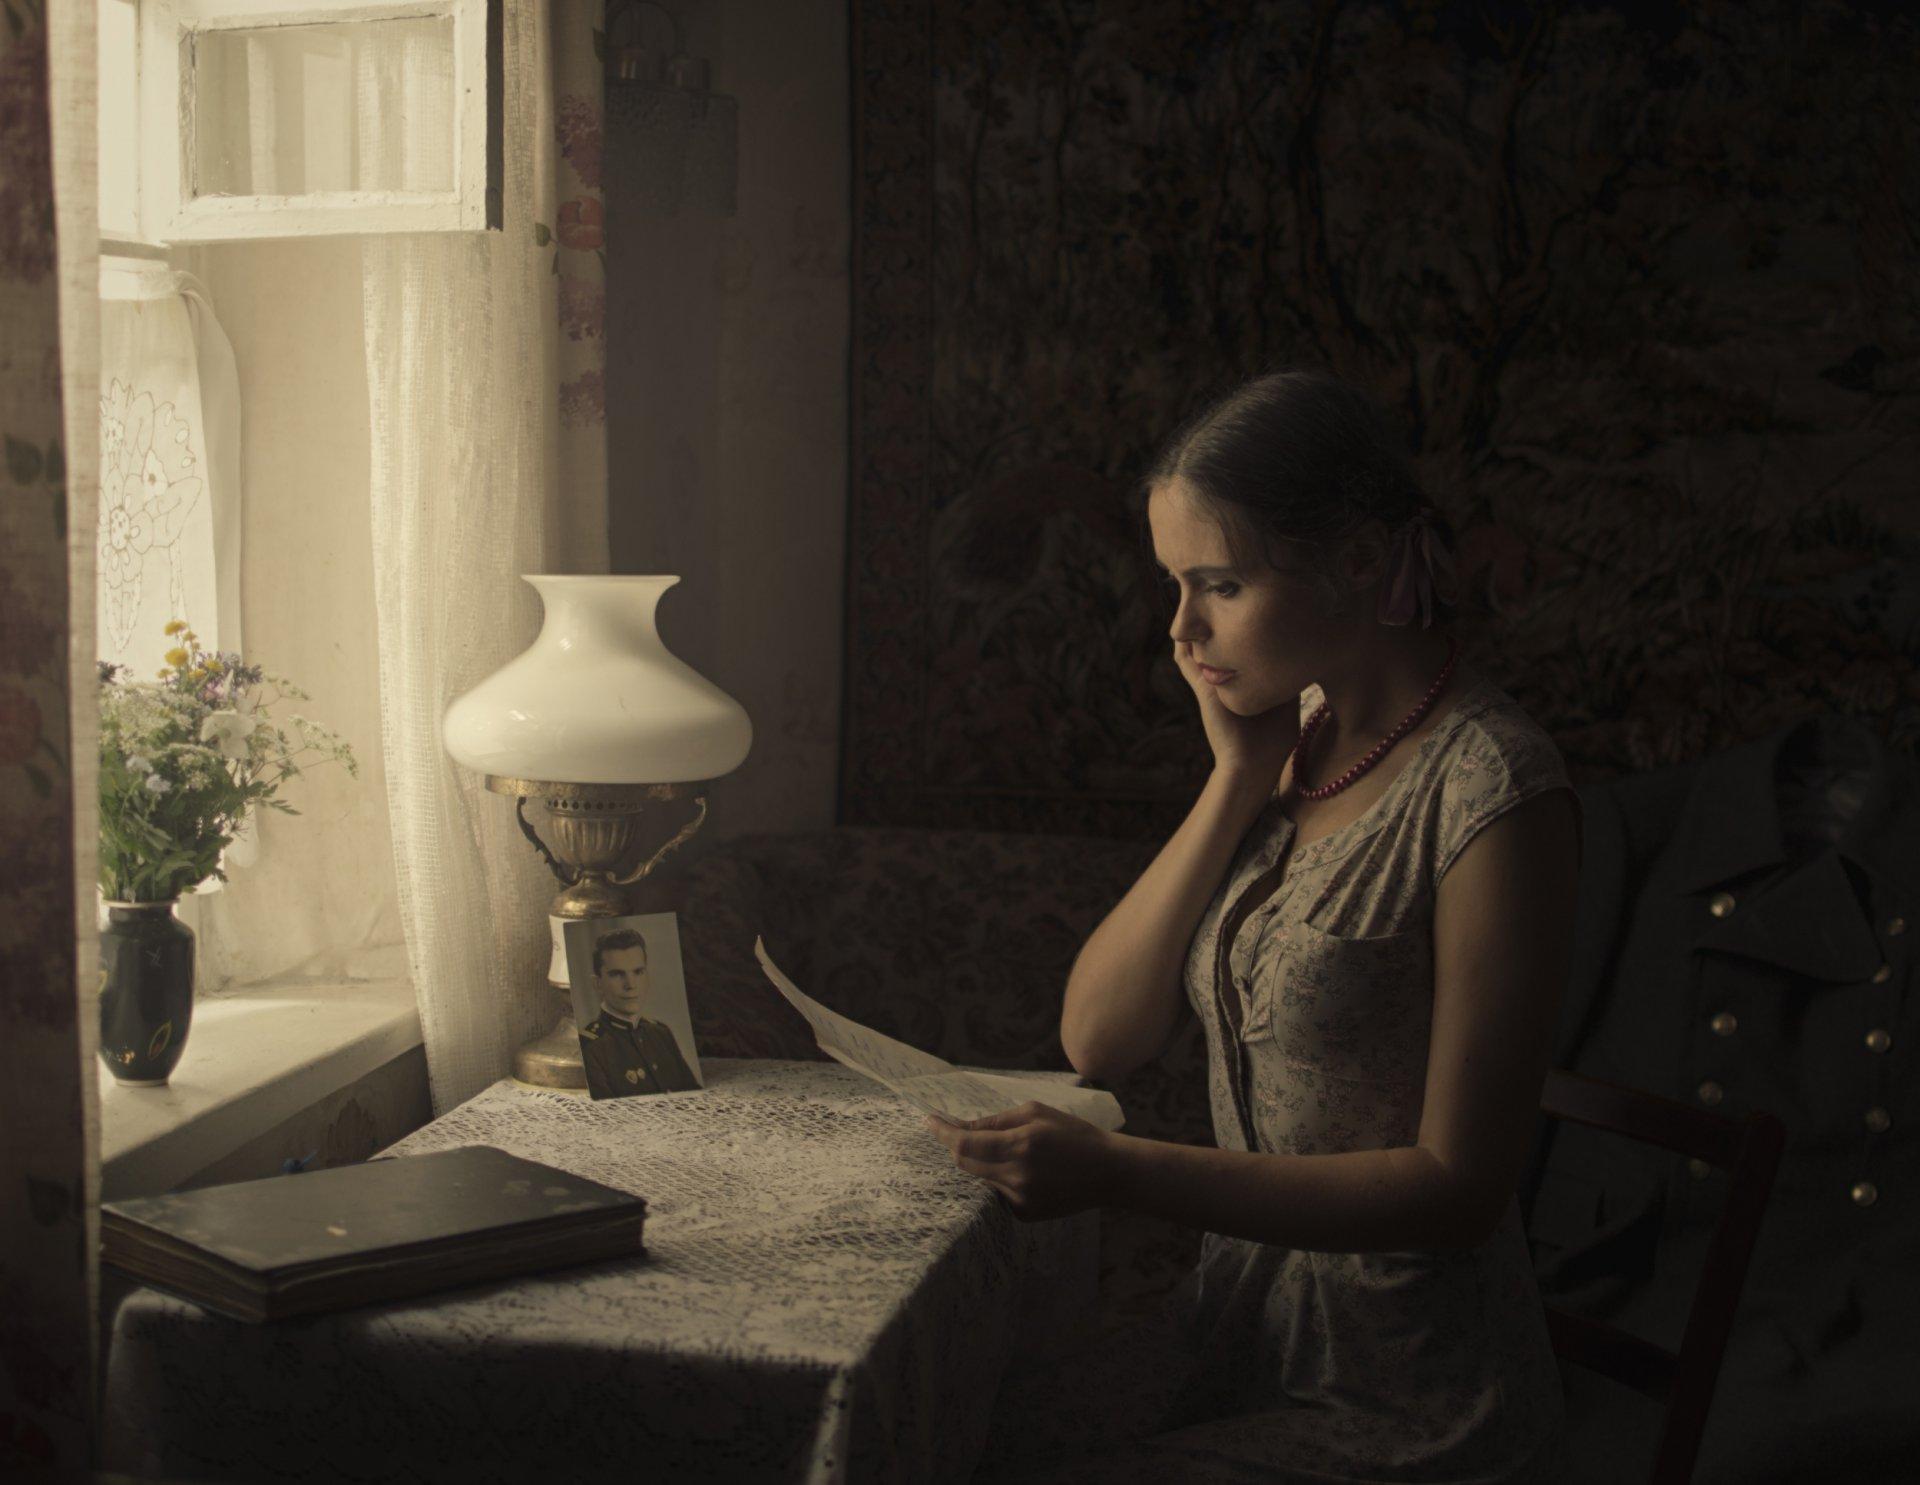 данного смотреть картинки женских письмо определяется значением